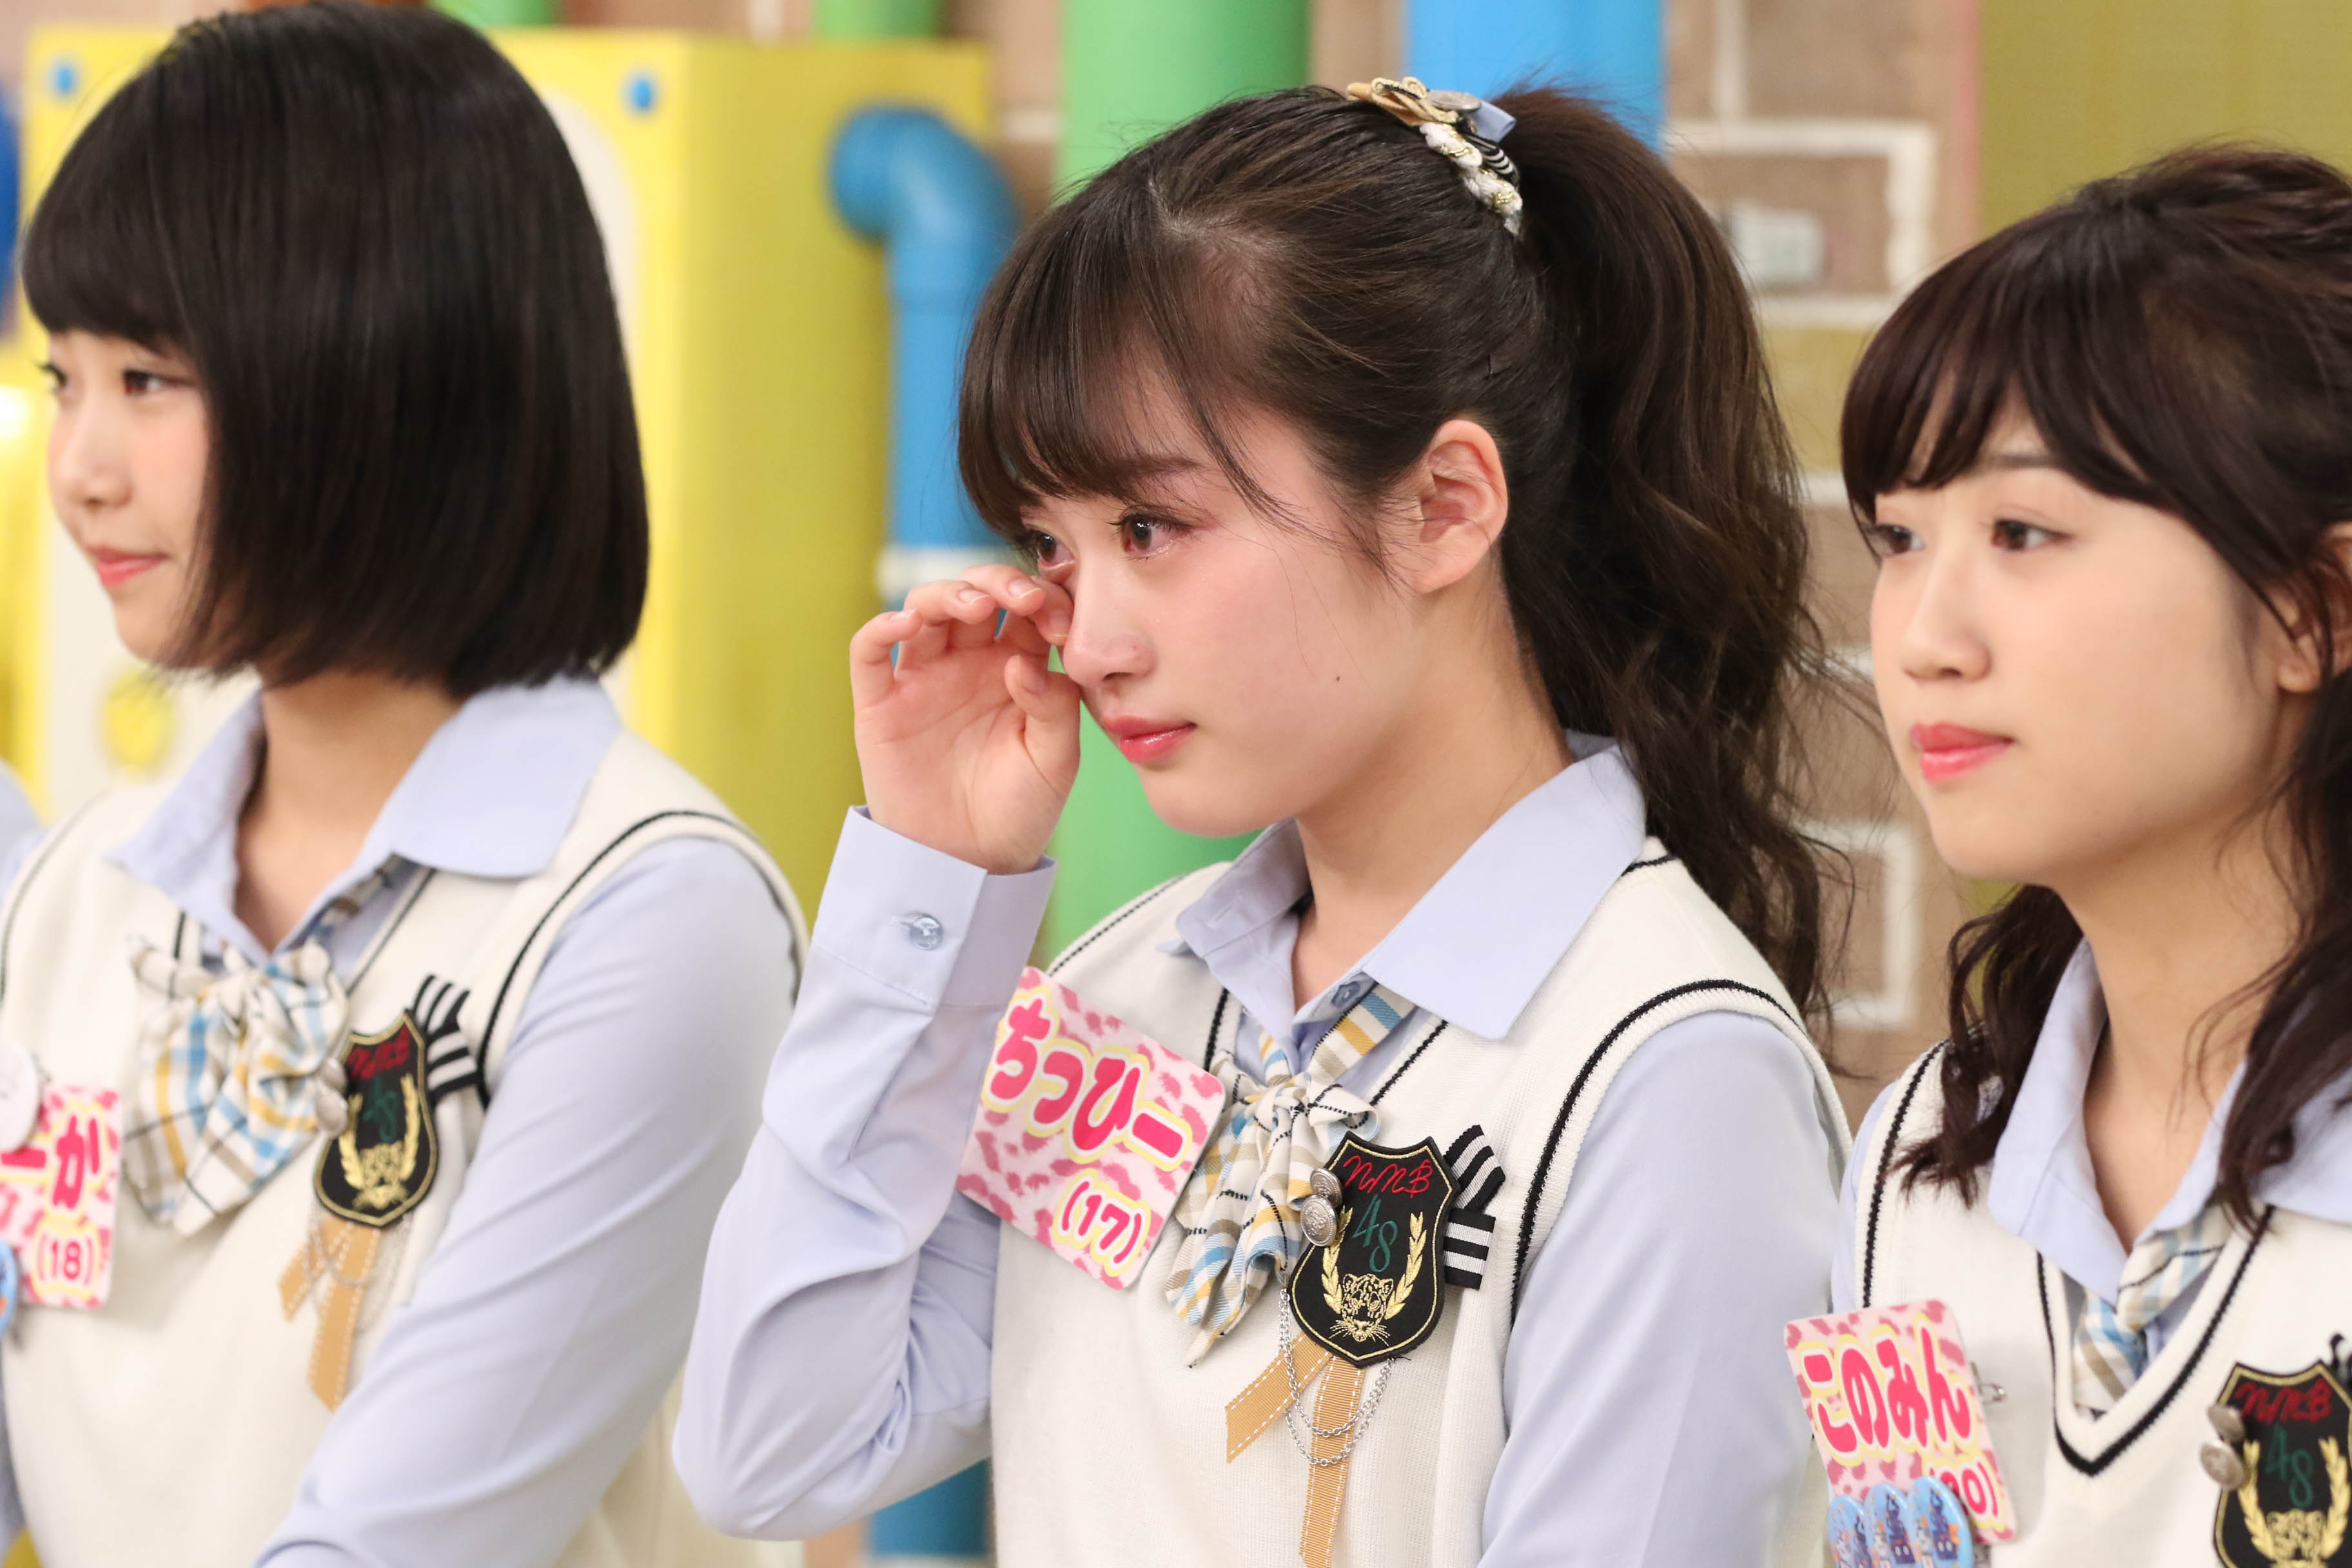 憧れの存在に思わず涙するNMB48の川上千尋